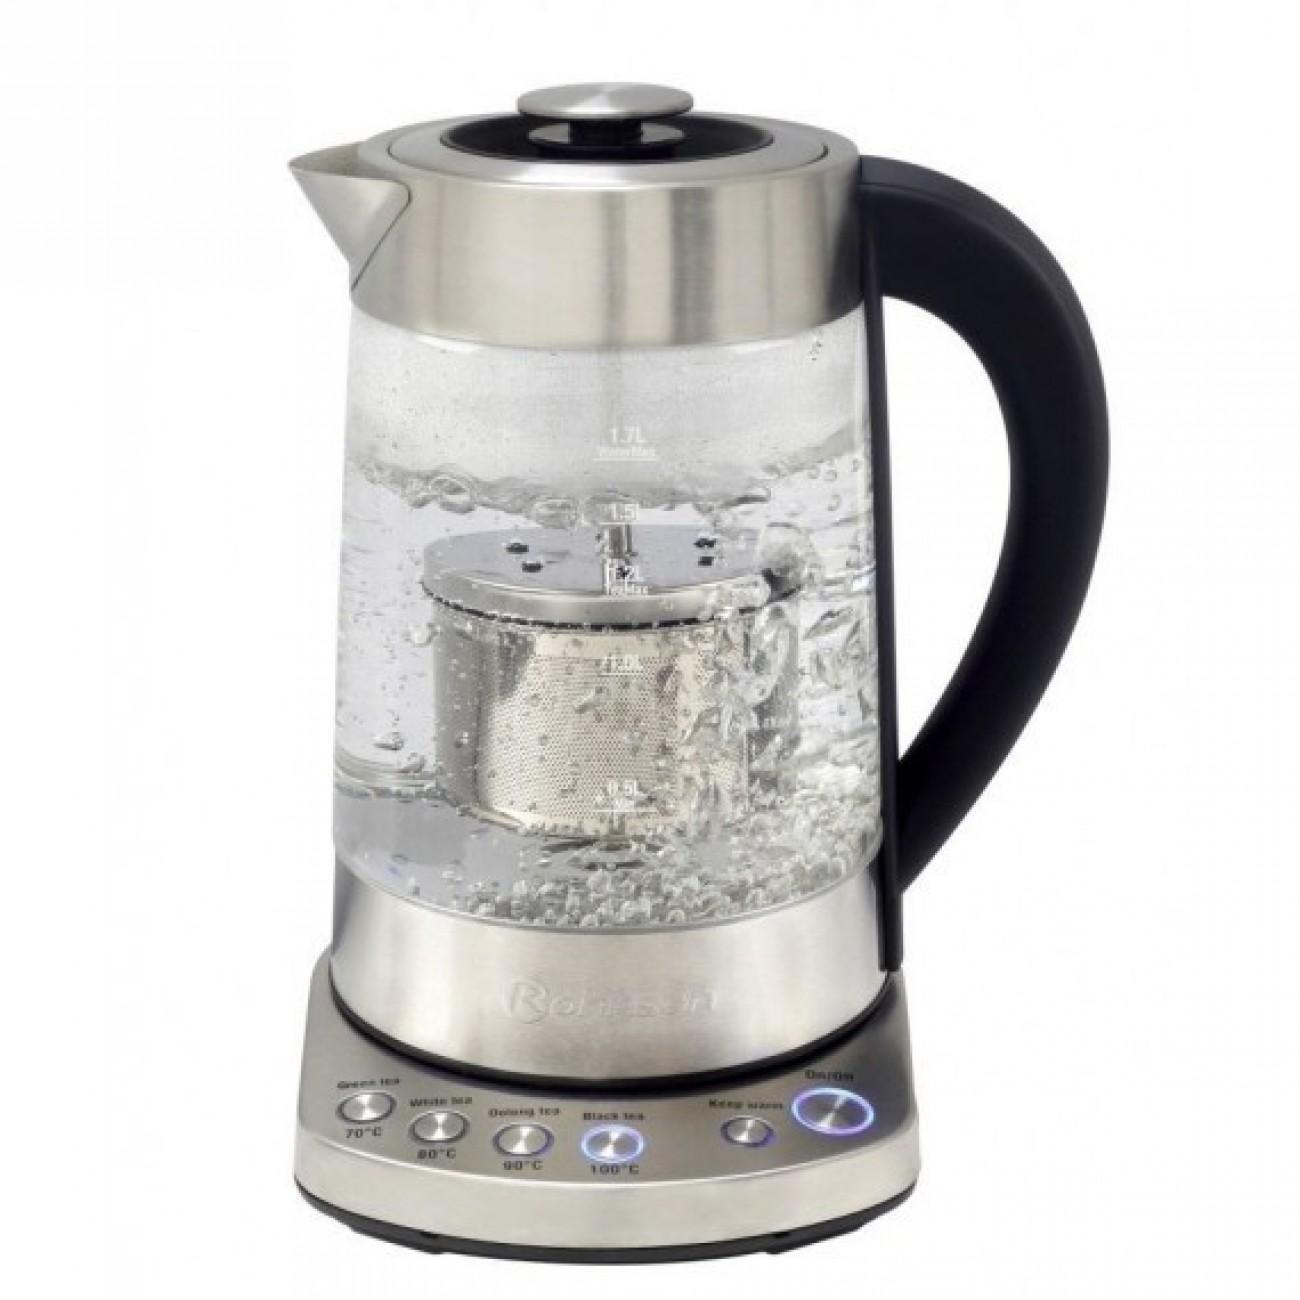 Ел. кана за чай Rohnson R 760 в Електрически кани - Rohnson | Alleop